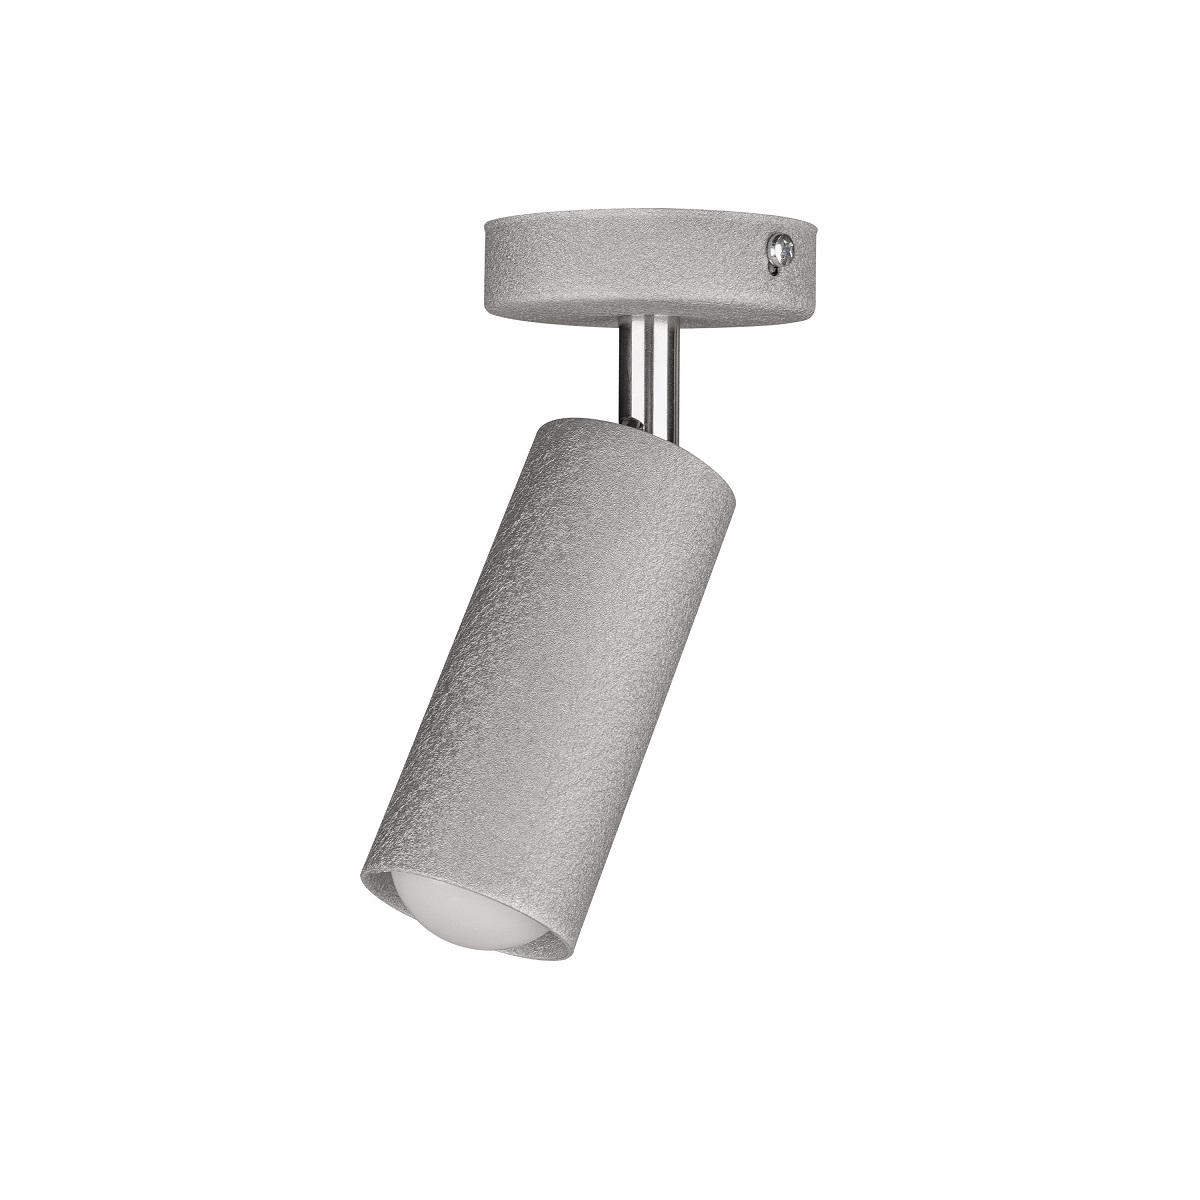 Світильники ЛОФТ - Люстра лофт потолочная с поворотным плафоном 000002753 - Фото 3